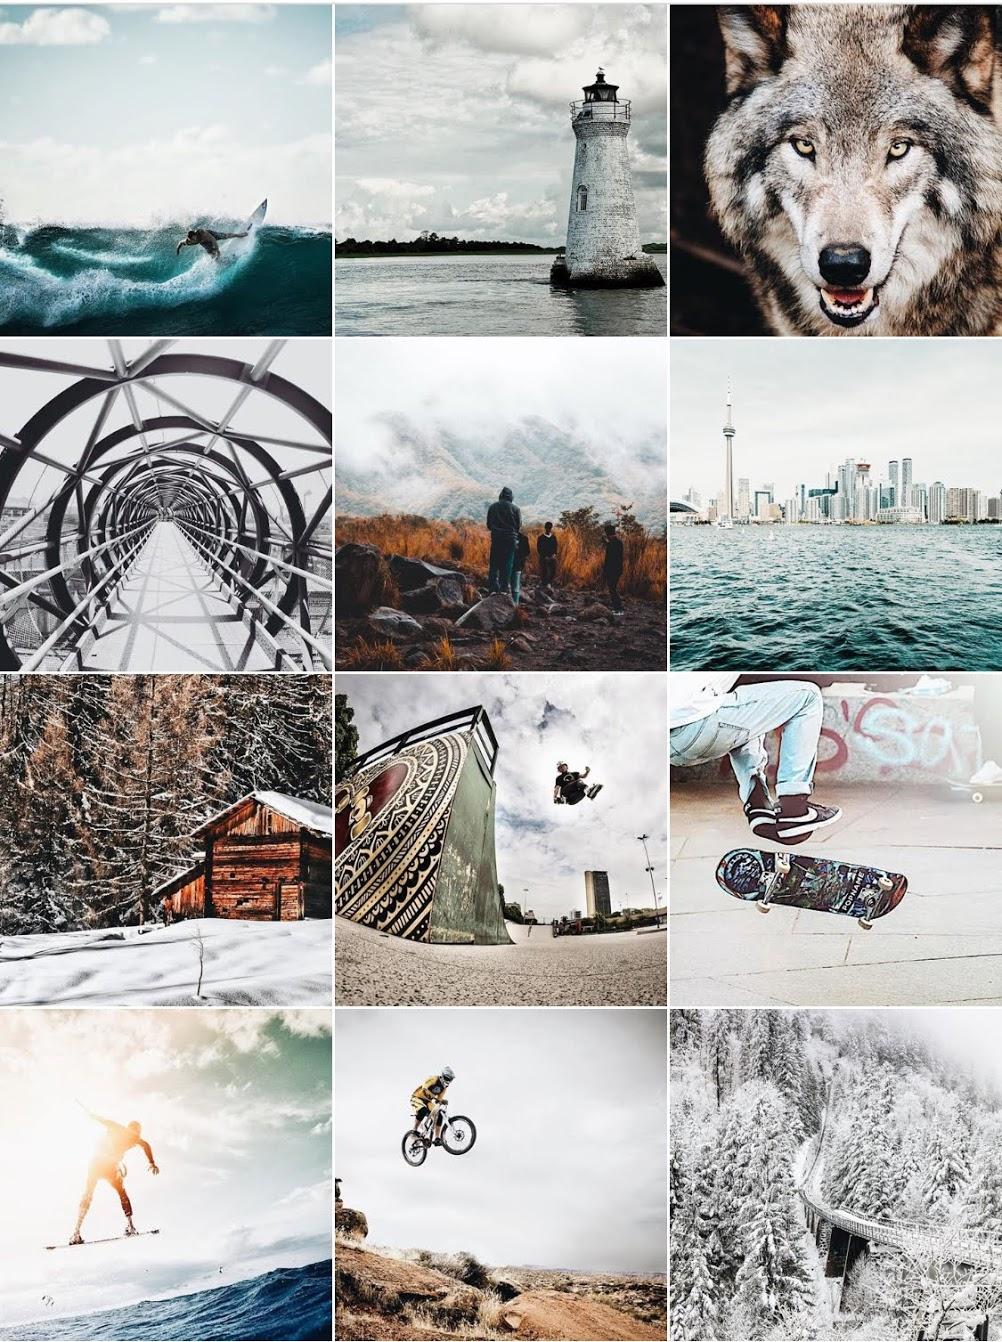 Greyfin - Instagram: @greyfinusaTwitter: @greyfinusaFacebook: Greyfin USAWebsite DesignProduct PhotographyBrand Book Design